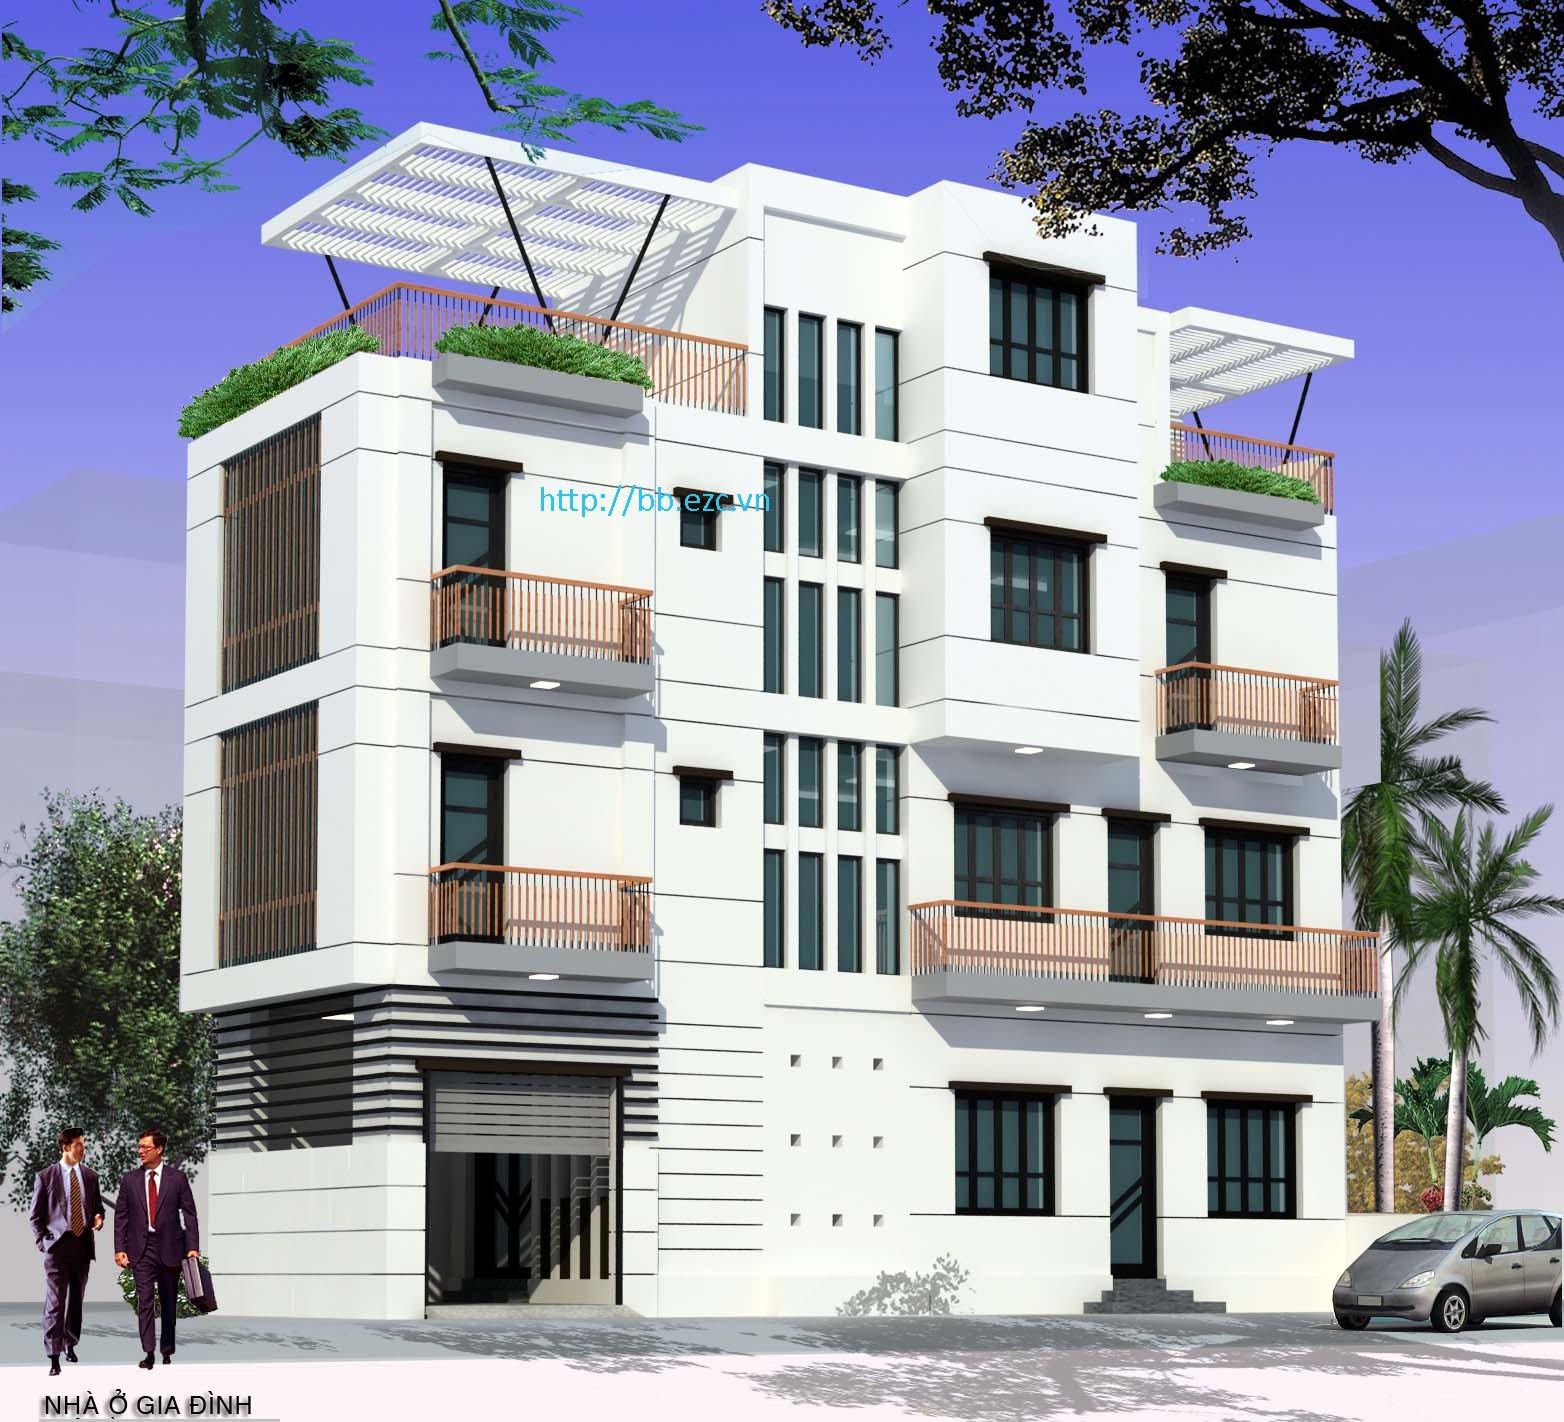 Phối cảnh nhà ống 5x15m - Kiến trúc hiện đại với lam che nắng thích hợp khí hậu nhiệt đới